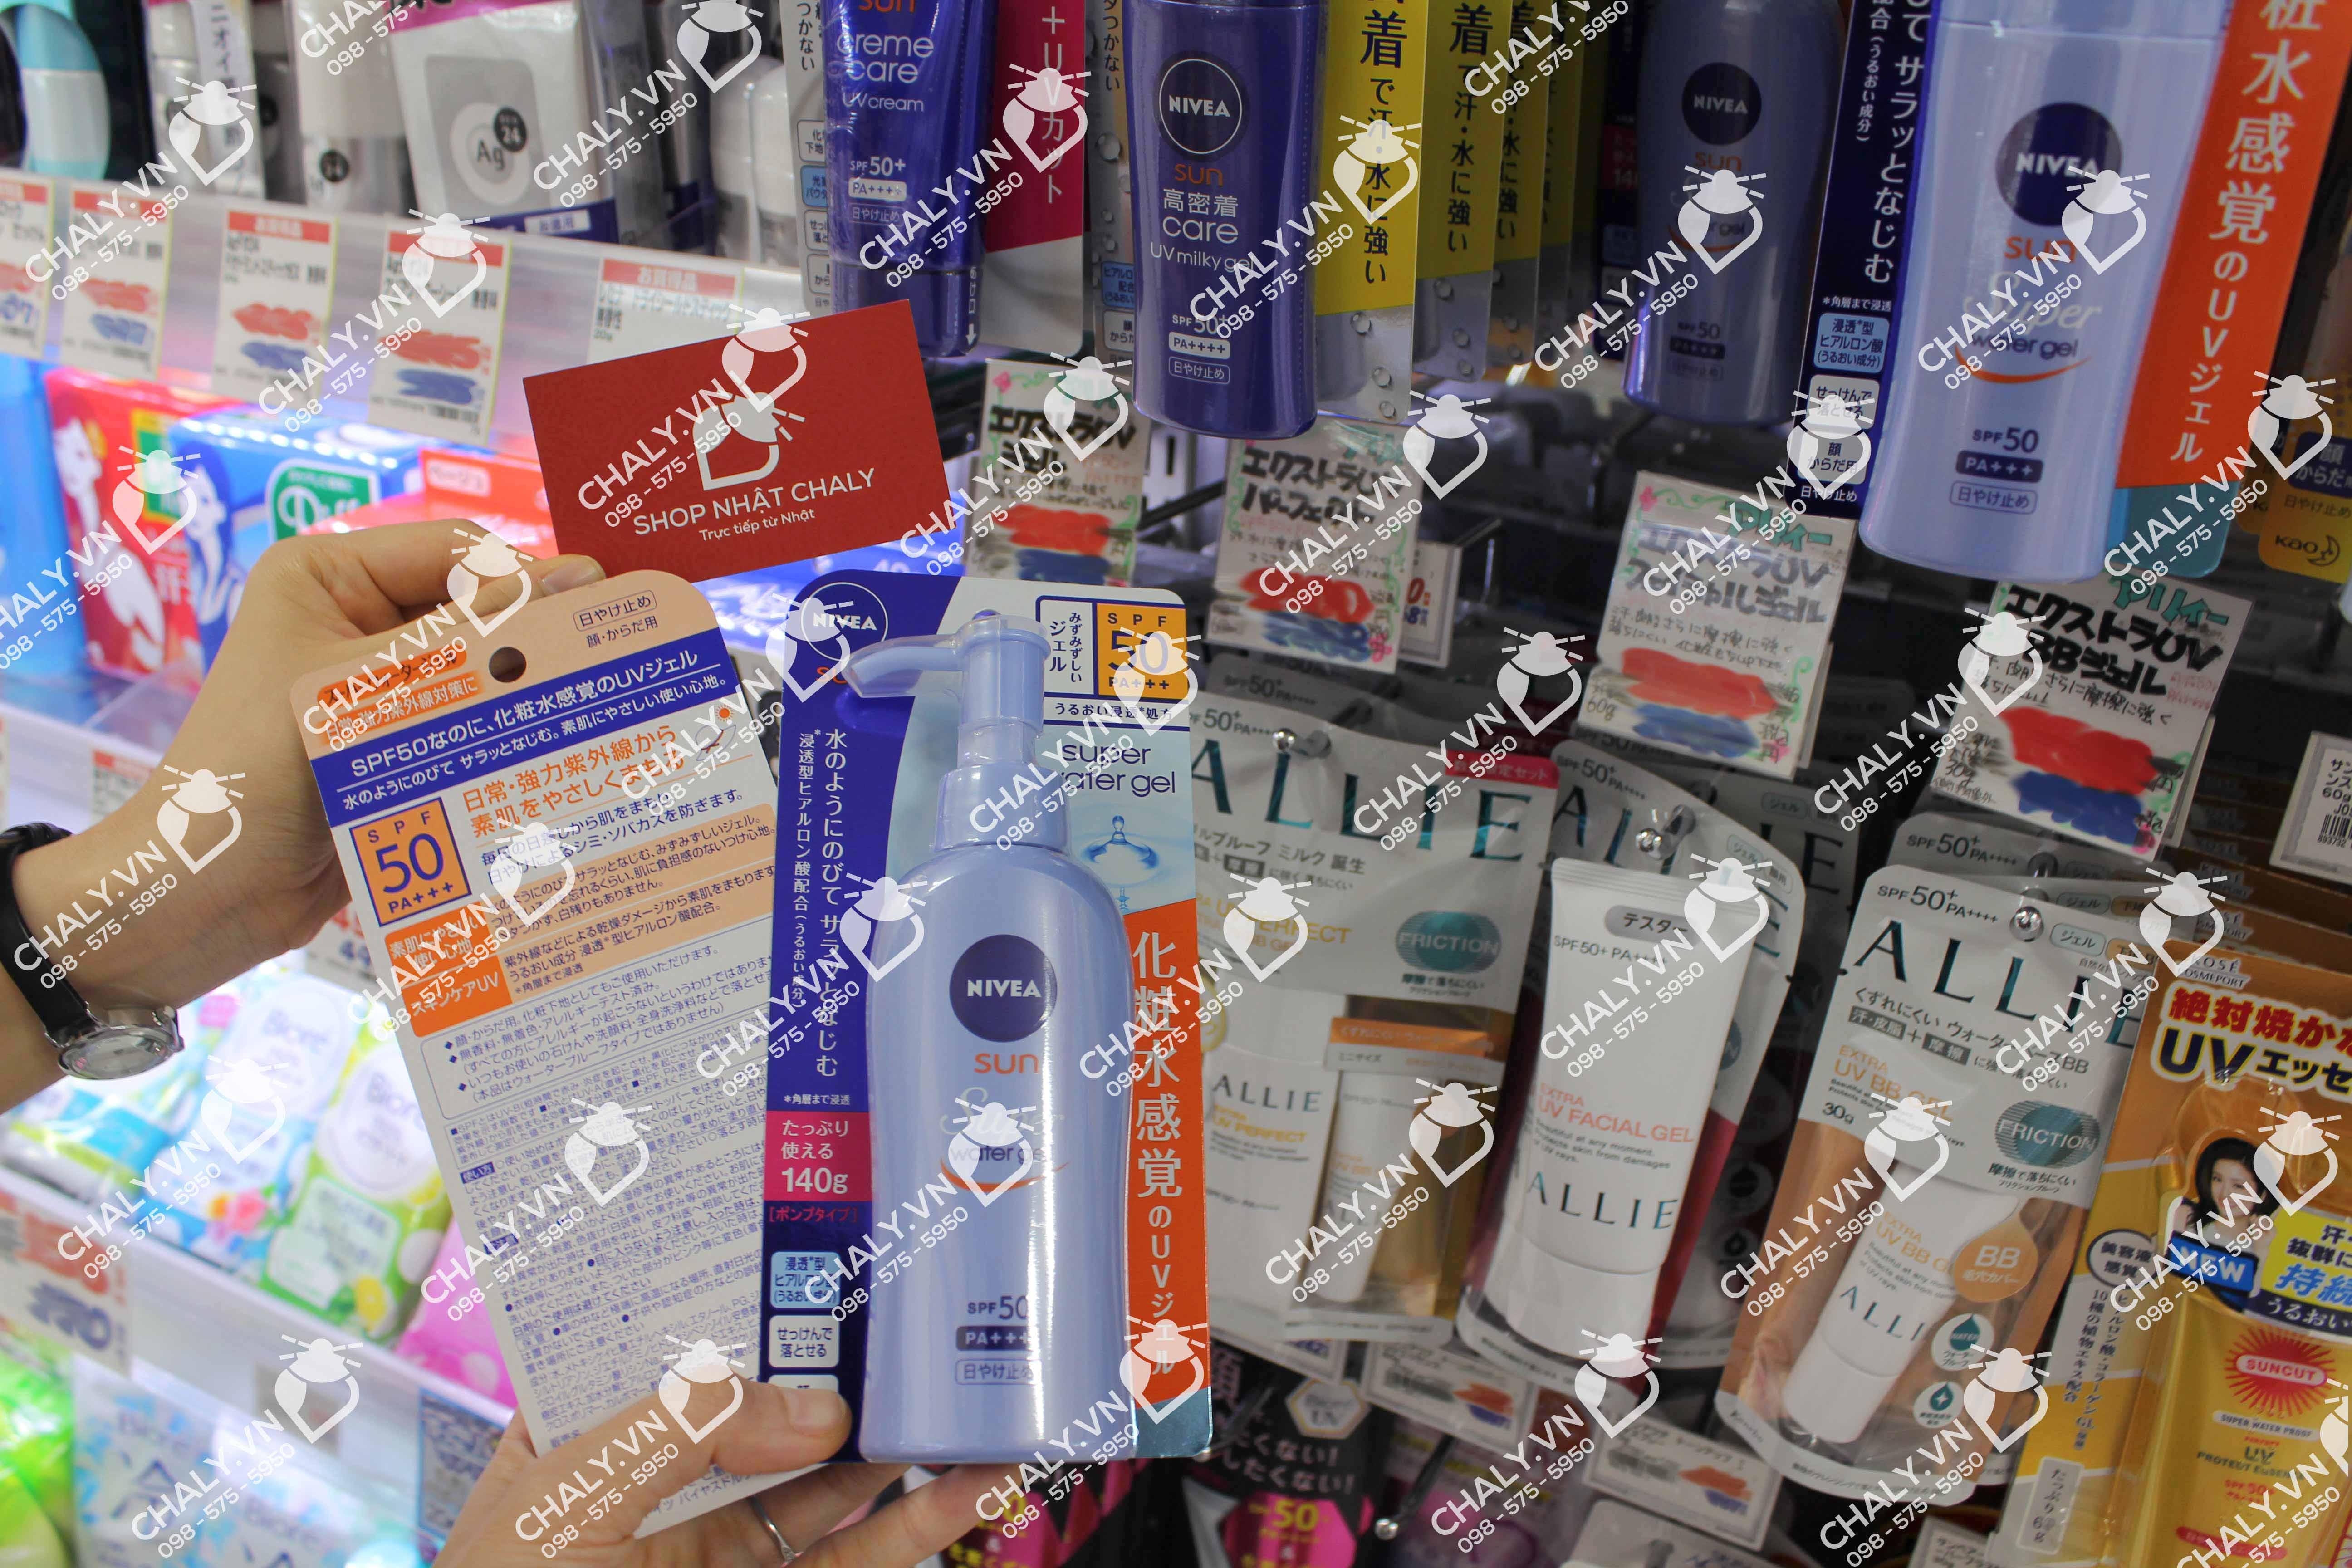 Nivea sun super water gel spf 50 pa+++ được Chaly xách tay trực tiếp từ Nhật Bản. Là kem chống nắng nội địa Nhật chuẩn